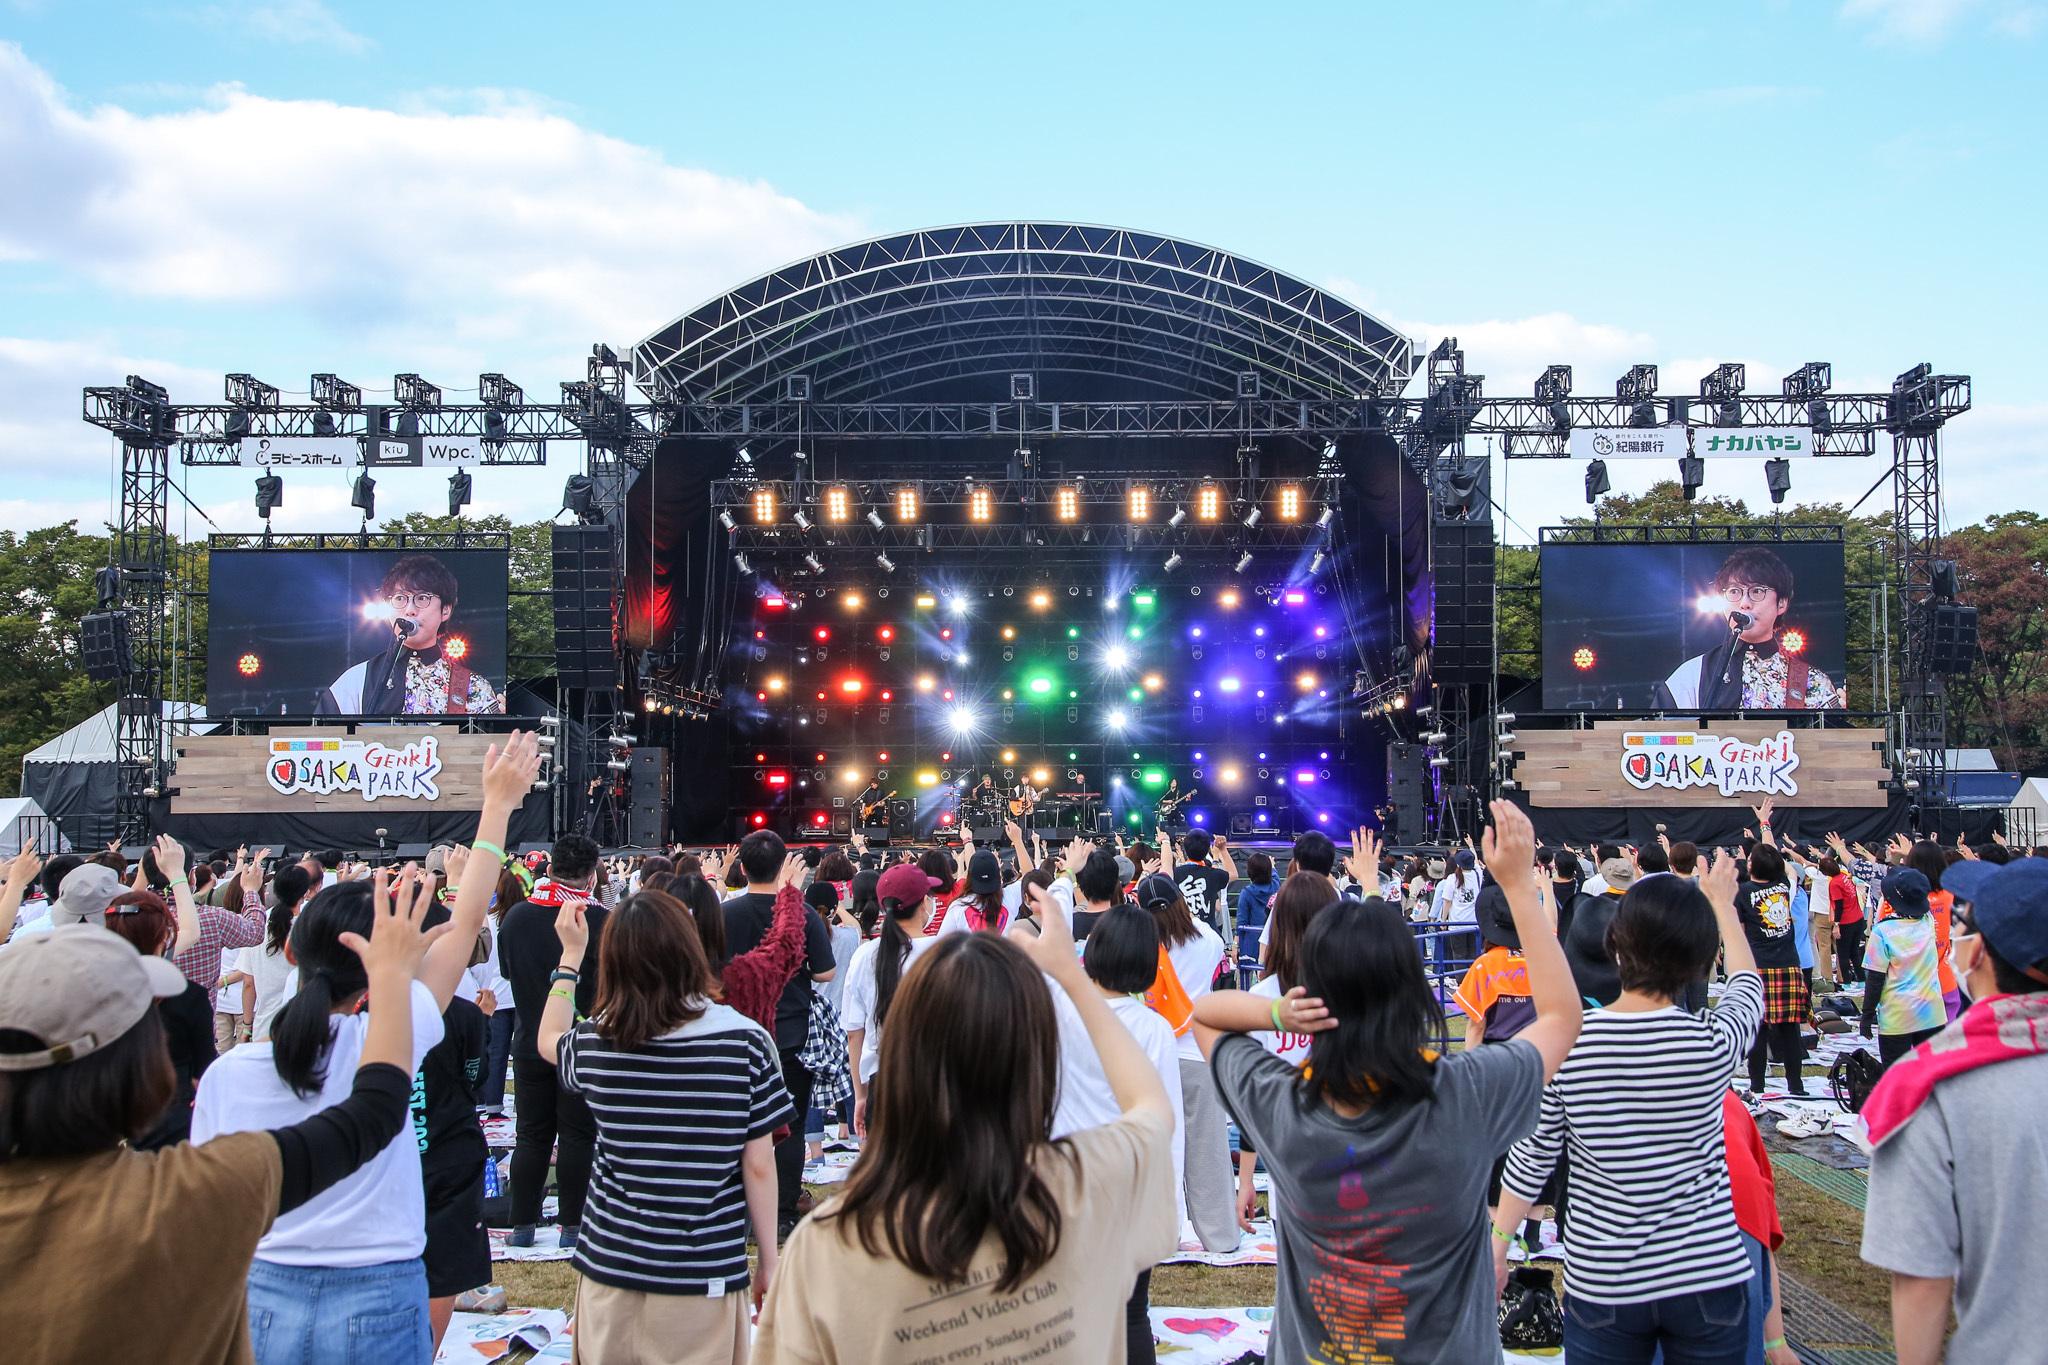 『大阪文化芸術フェス presents OSAKA GENKi PARK』【東の広場 PARK STAGE】2日目